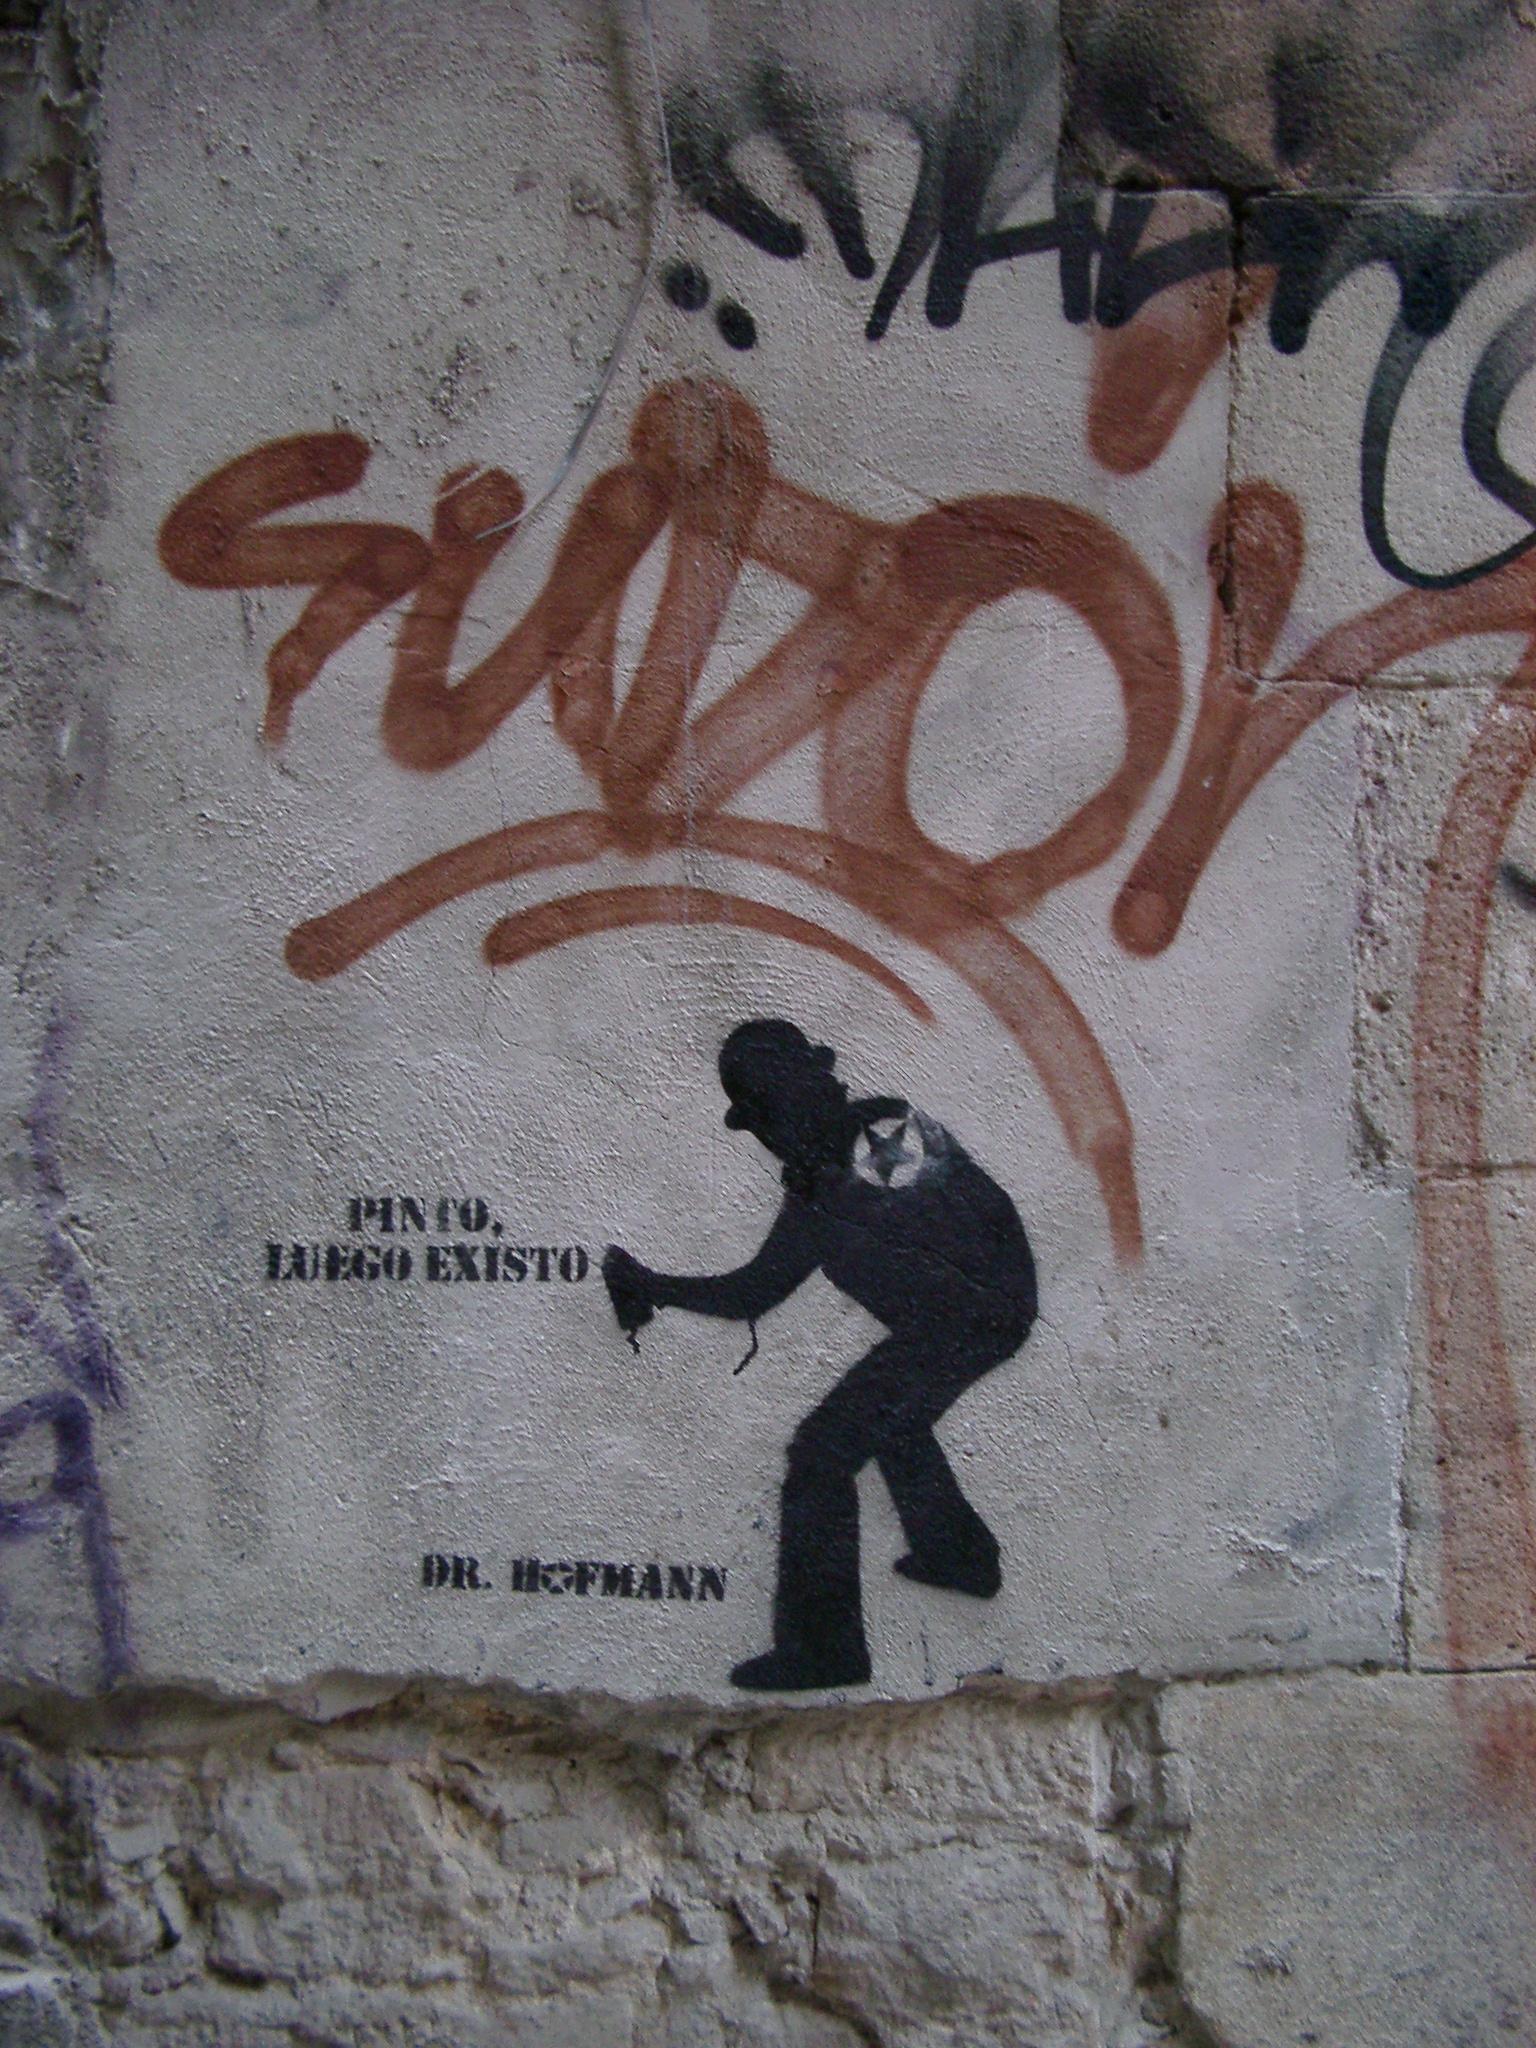 Pinto, Luego Existo, Barcelona.jpg